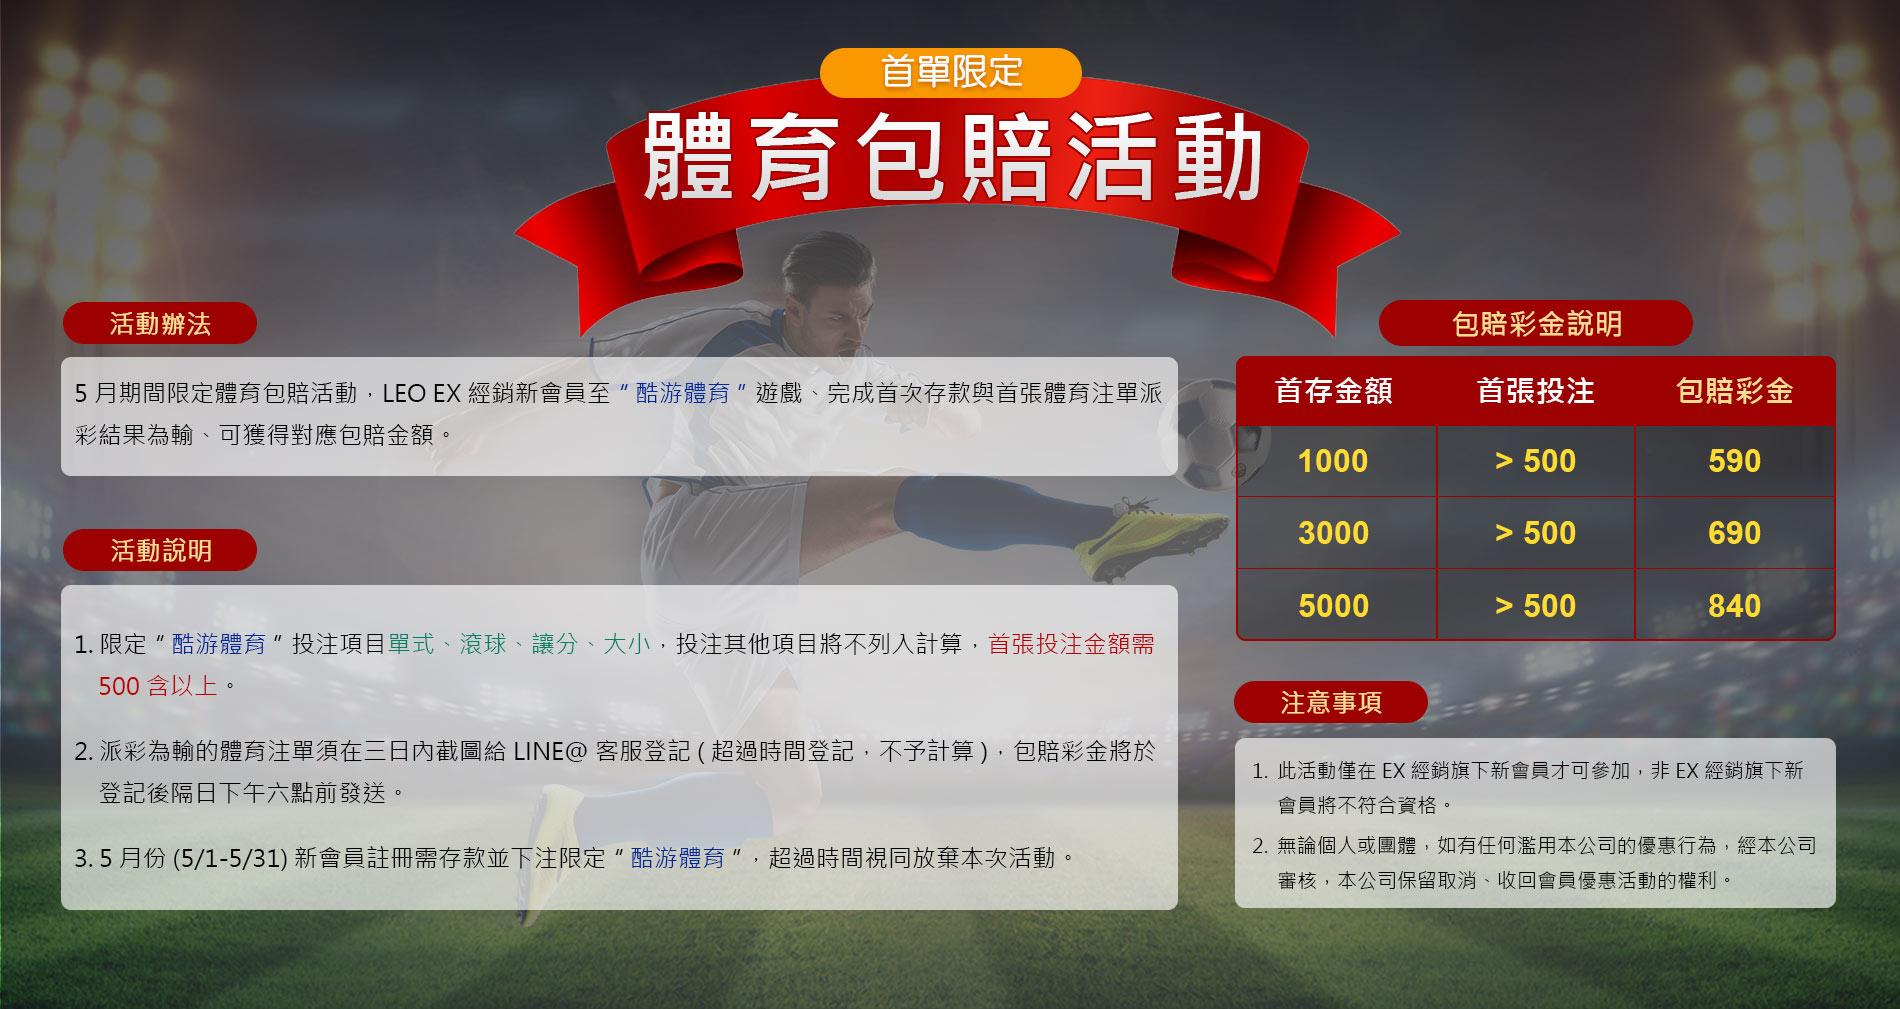 九州娛樂儲值版公告酷播論壇推薦新註冊運彩包賠活動開始